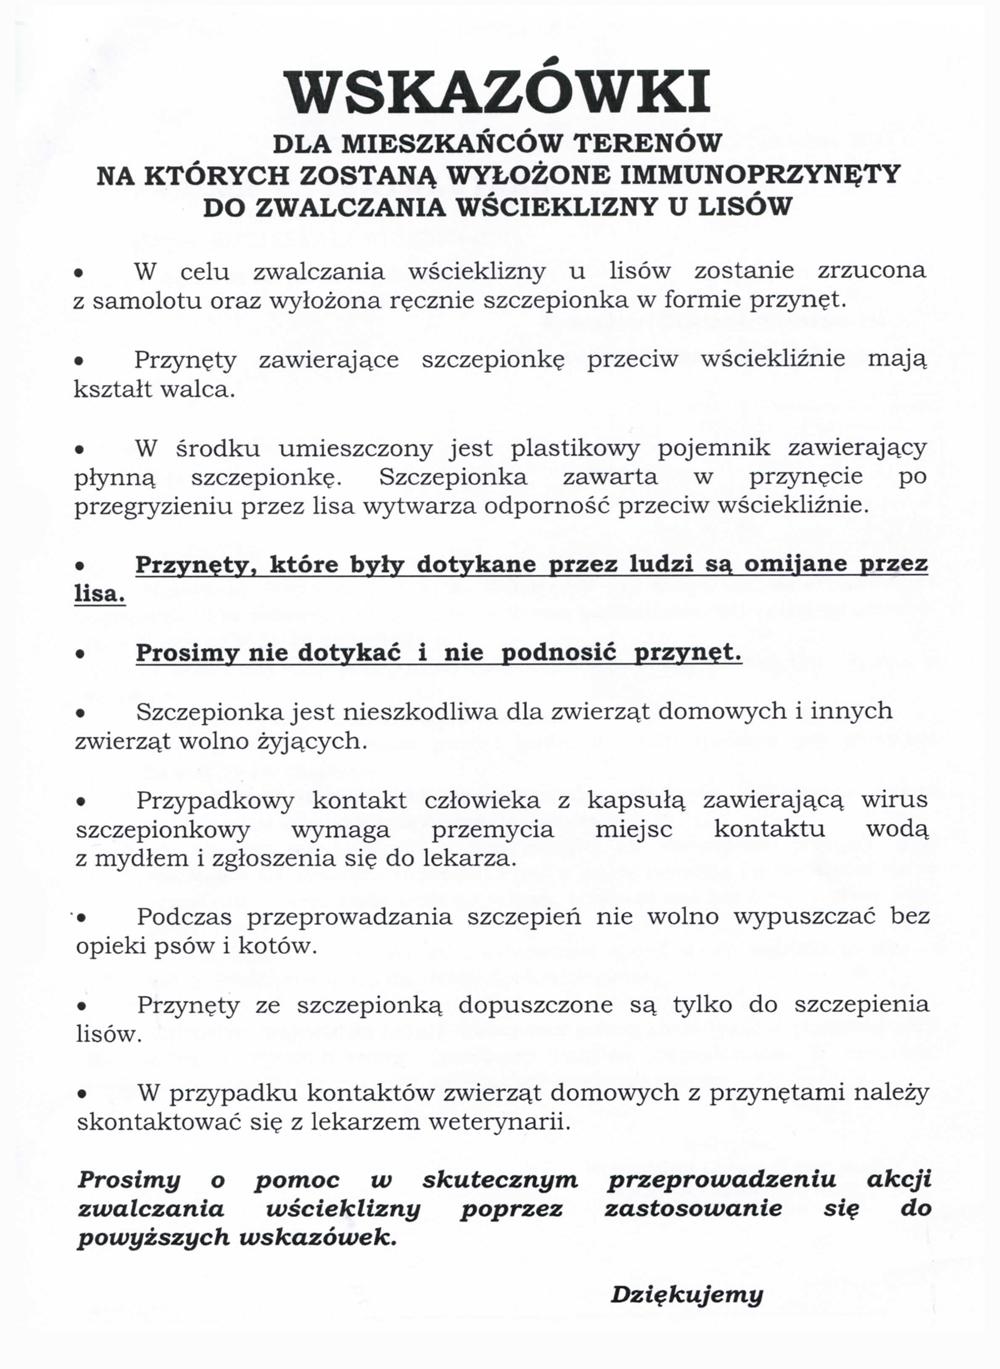 Wskazówki szczepienie lisów 2021 Komunikat Małopolskiego Wojewódzkiego Lekarza Weterynarii w Krakowie dot. akcji szczepienia lisów